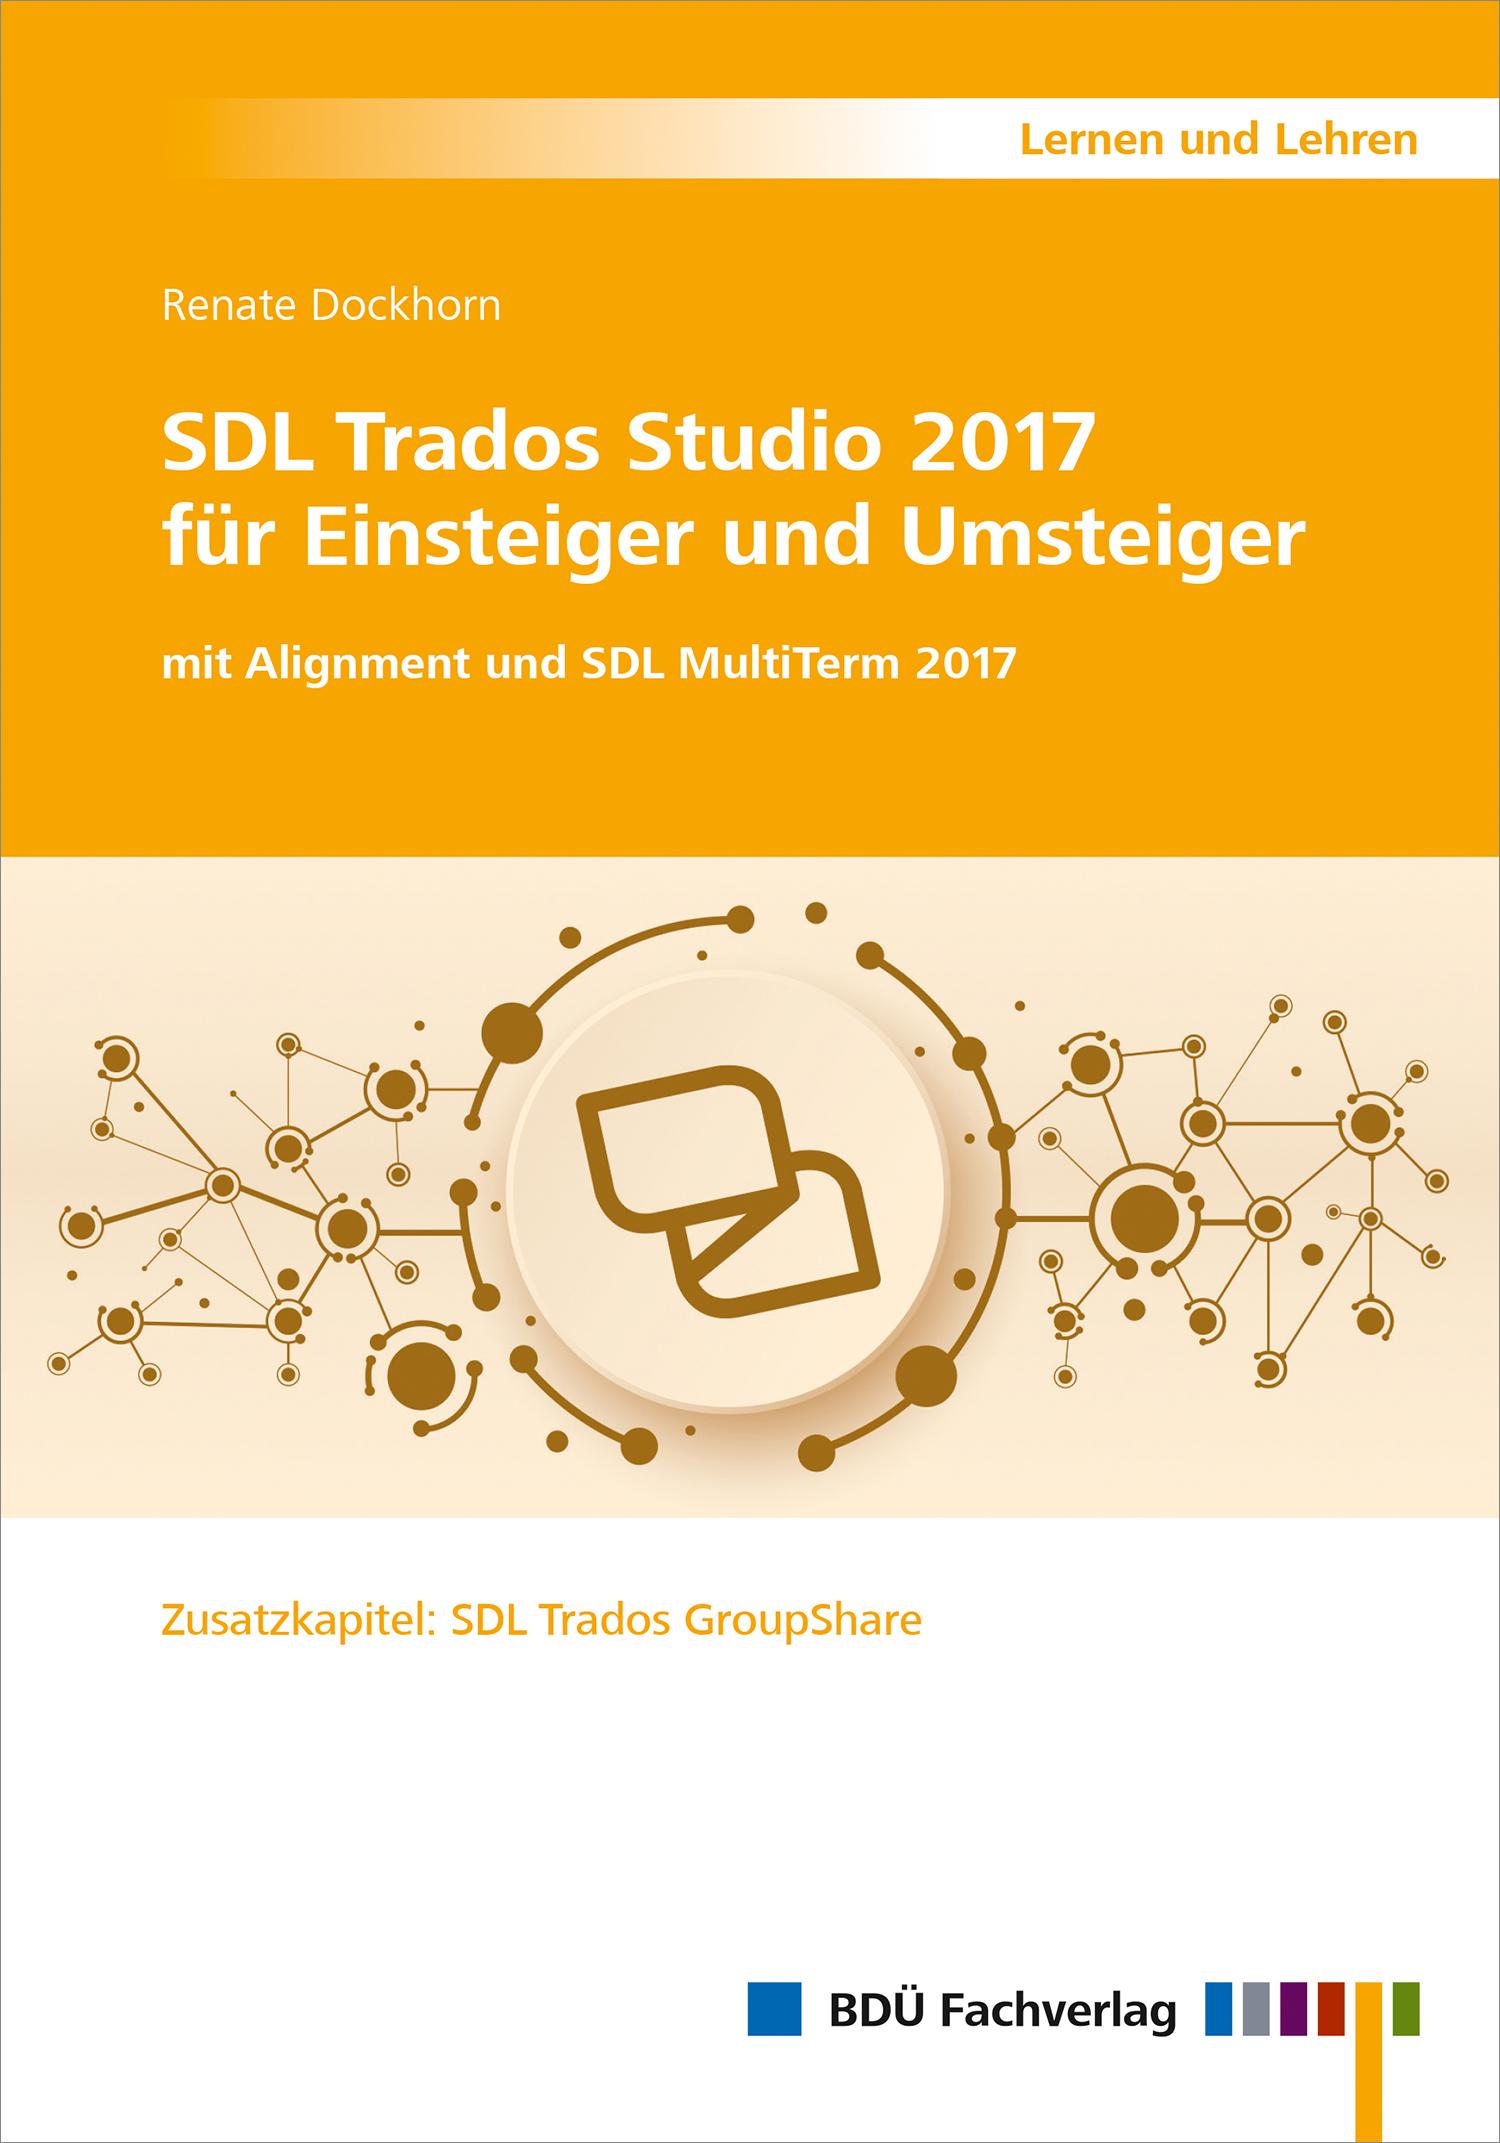 SDL Trados Studio 2017 für Einsteiger und Umsteiger